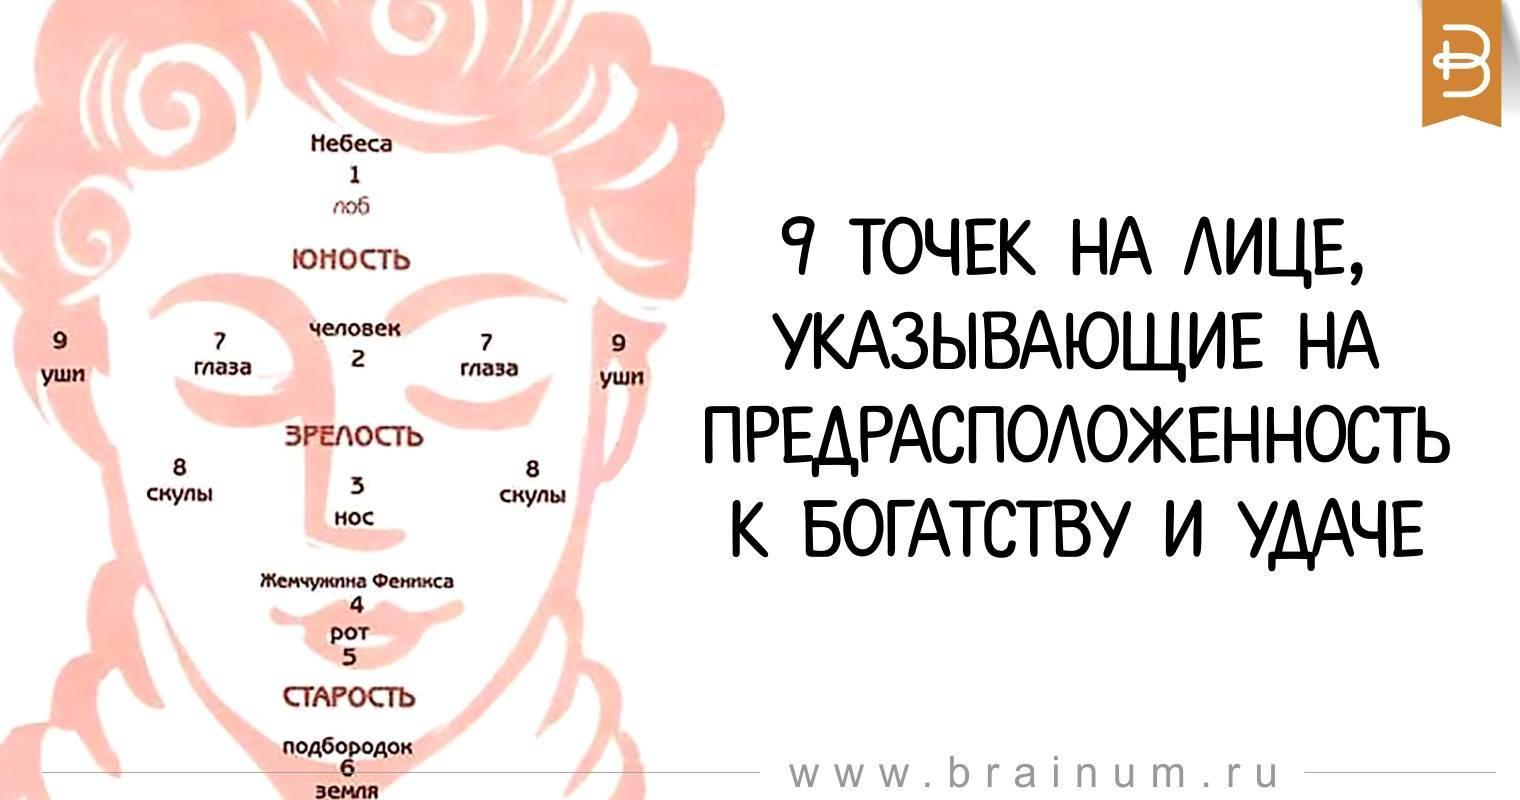 9 точек на лице, указывающие на предрасположенность к богатству и удаче